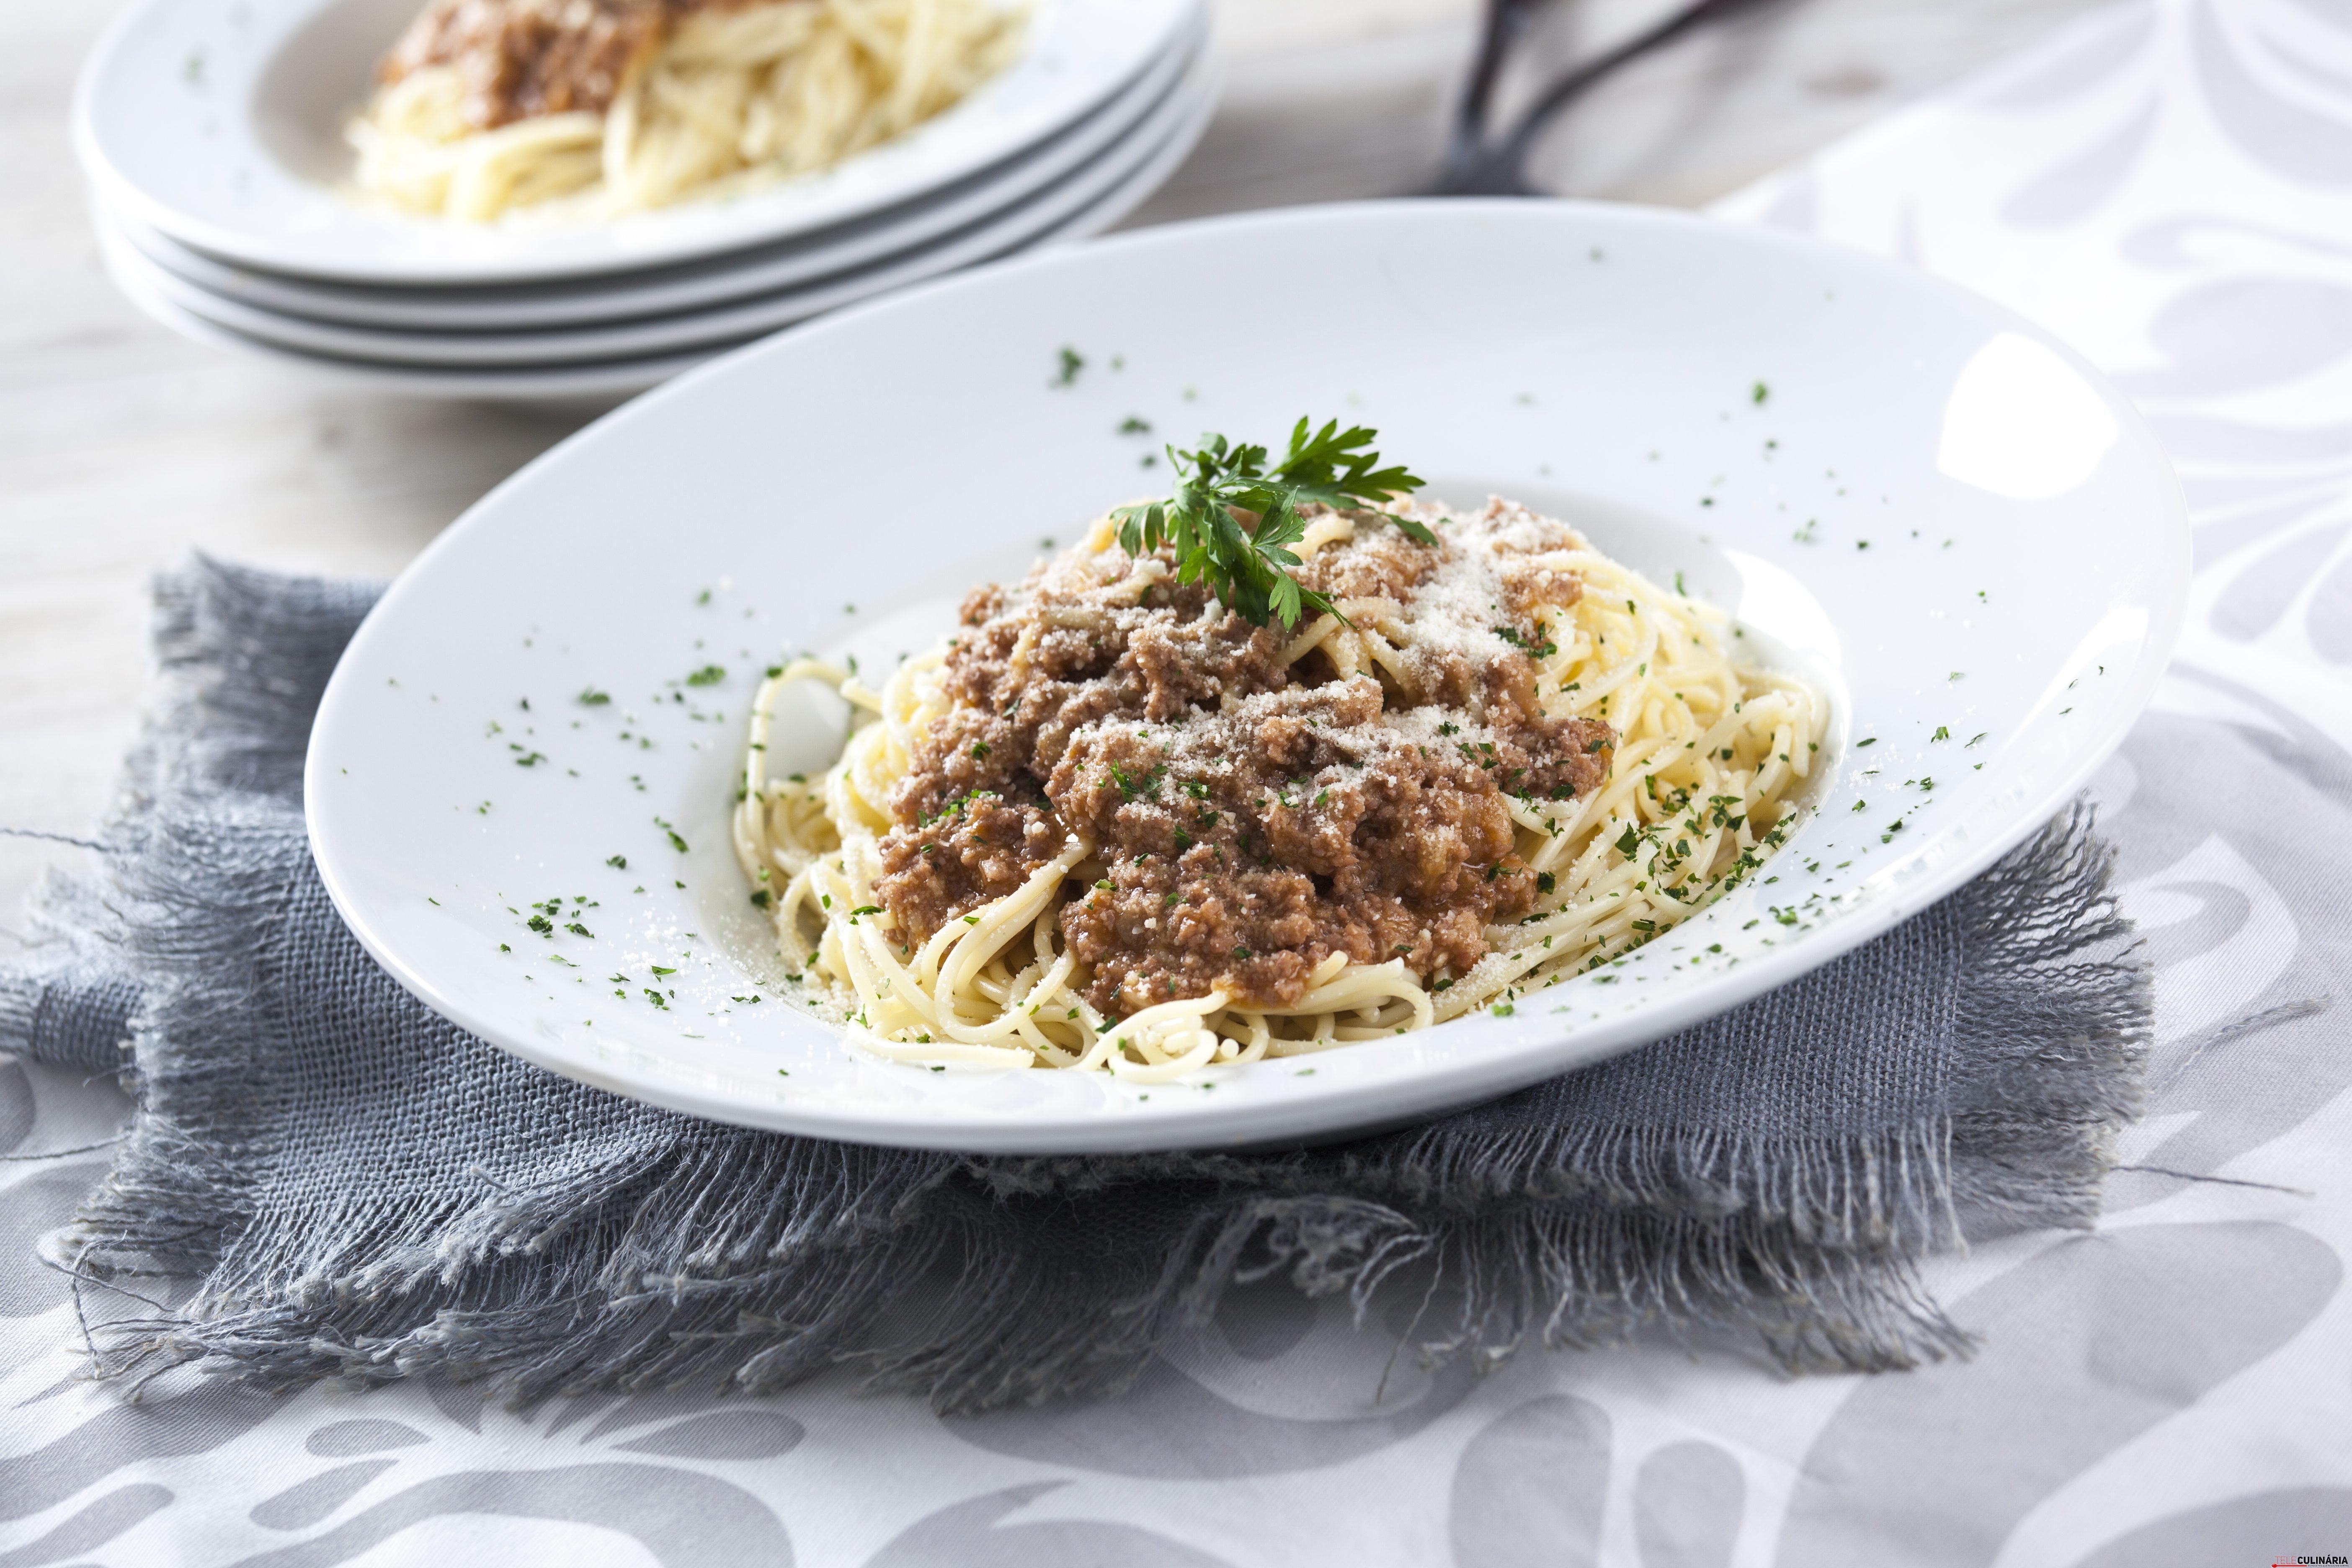 Esparguete a bolonhesa CHLM 3